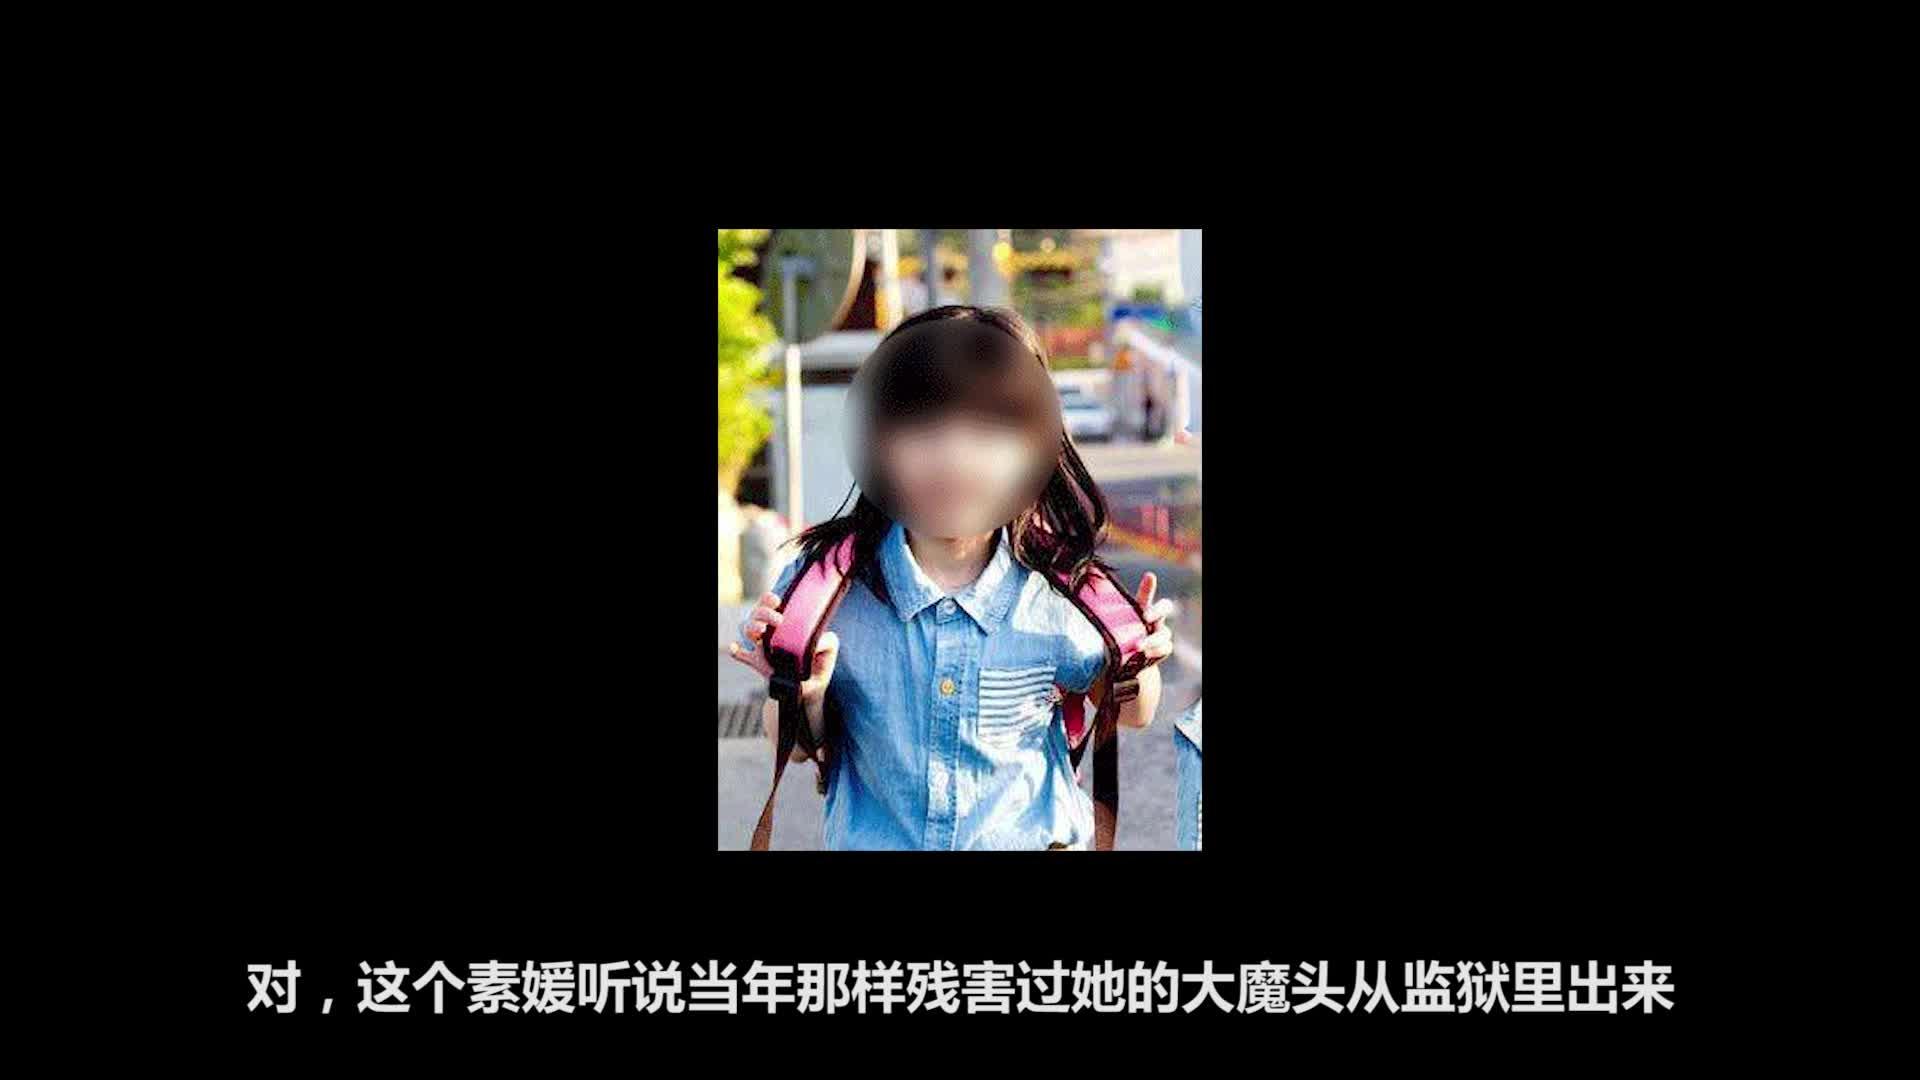 Big笑工坊-唐唐说奇案:韩国最臭名昭著罪犯即将出狱!所有女性请注意!